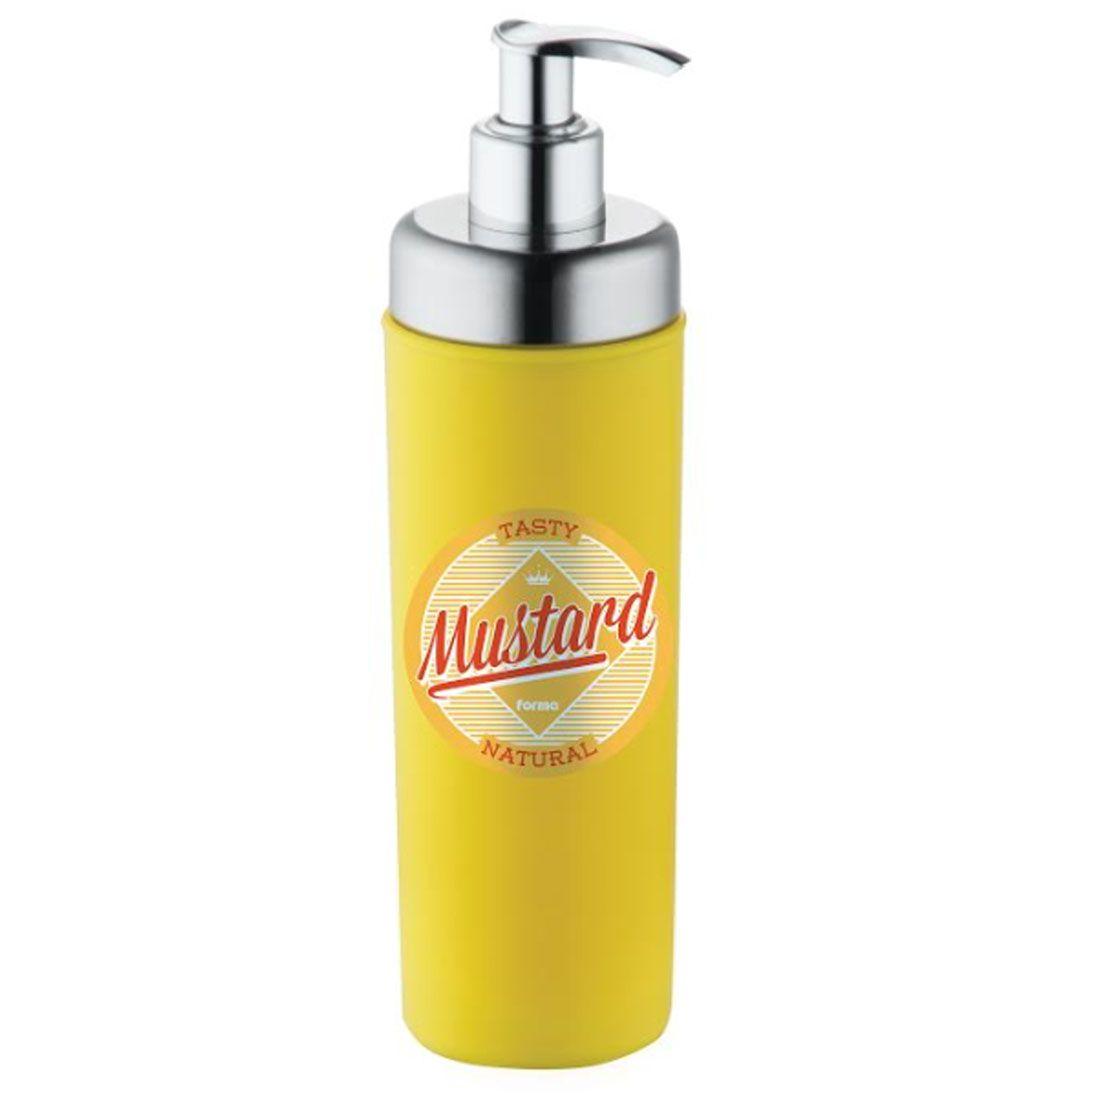 Dispenser para Molho de Poliestireno com Sistema Pump Retrô Mostarda 300Ml